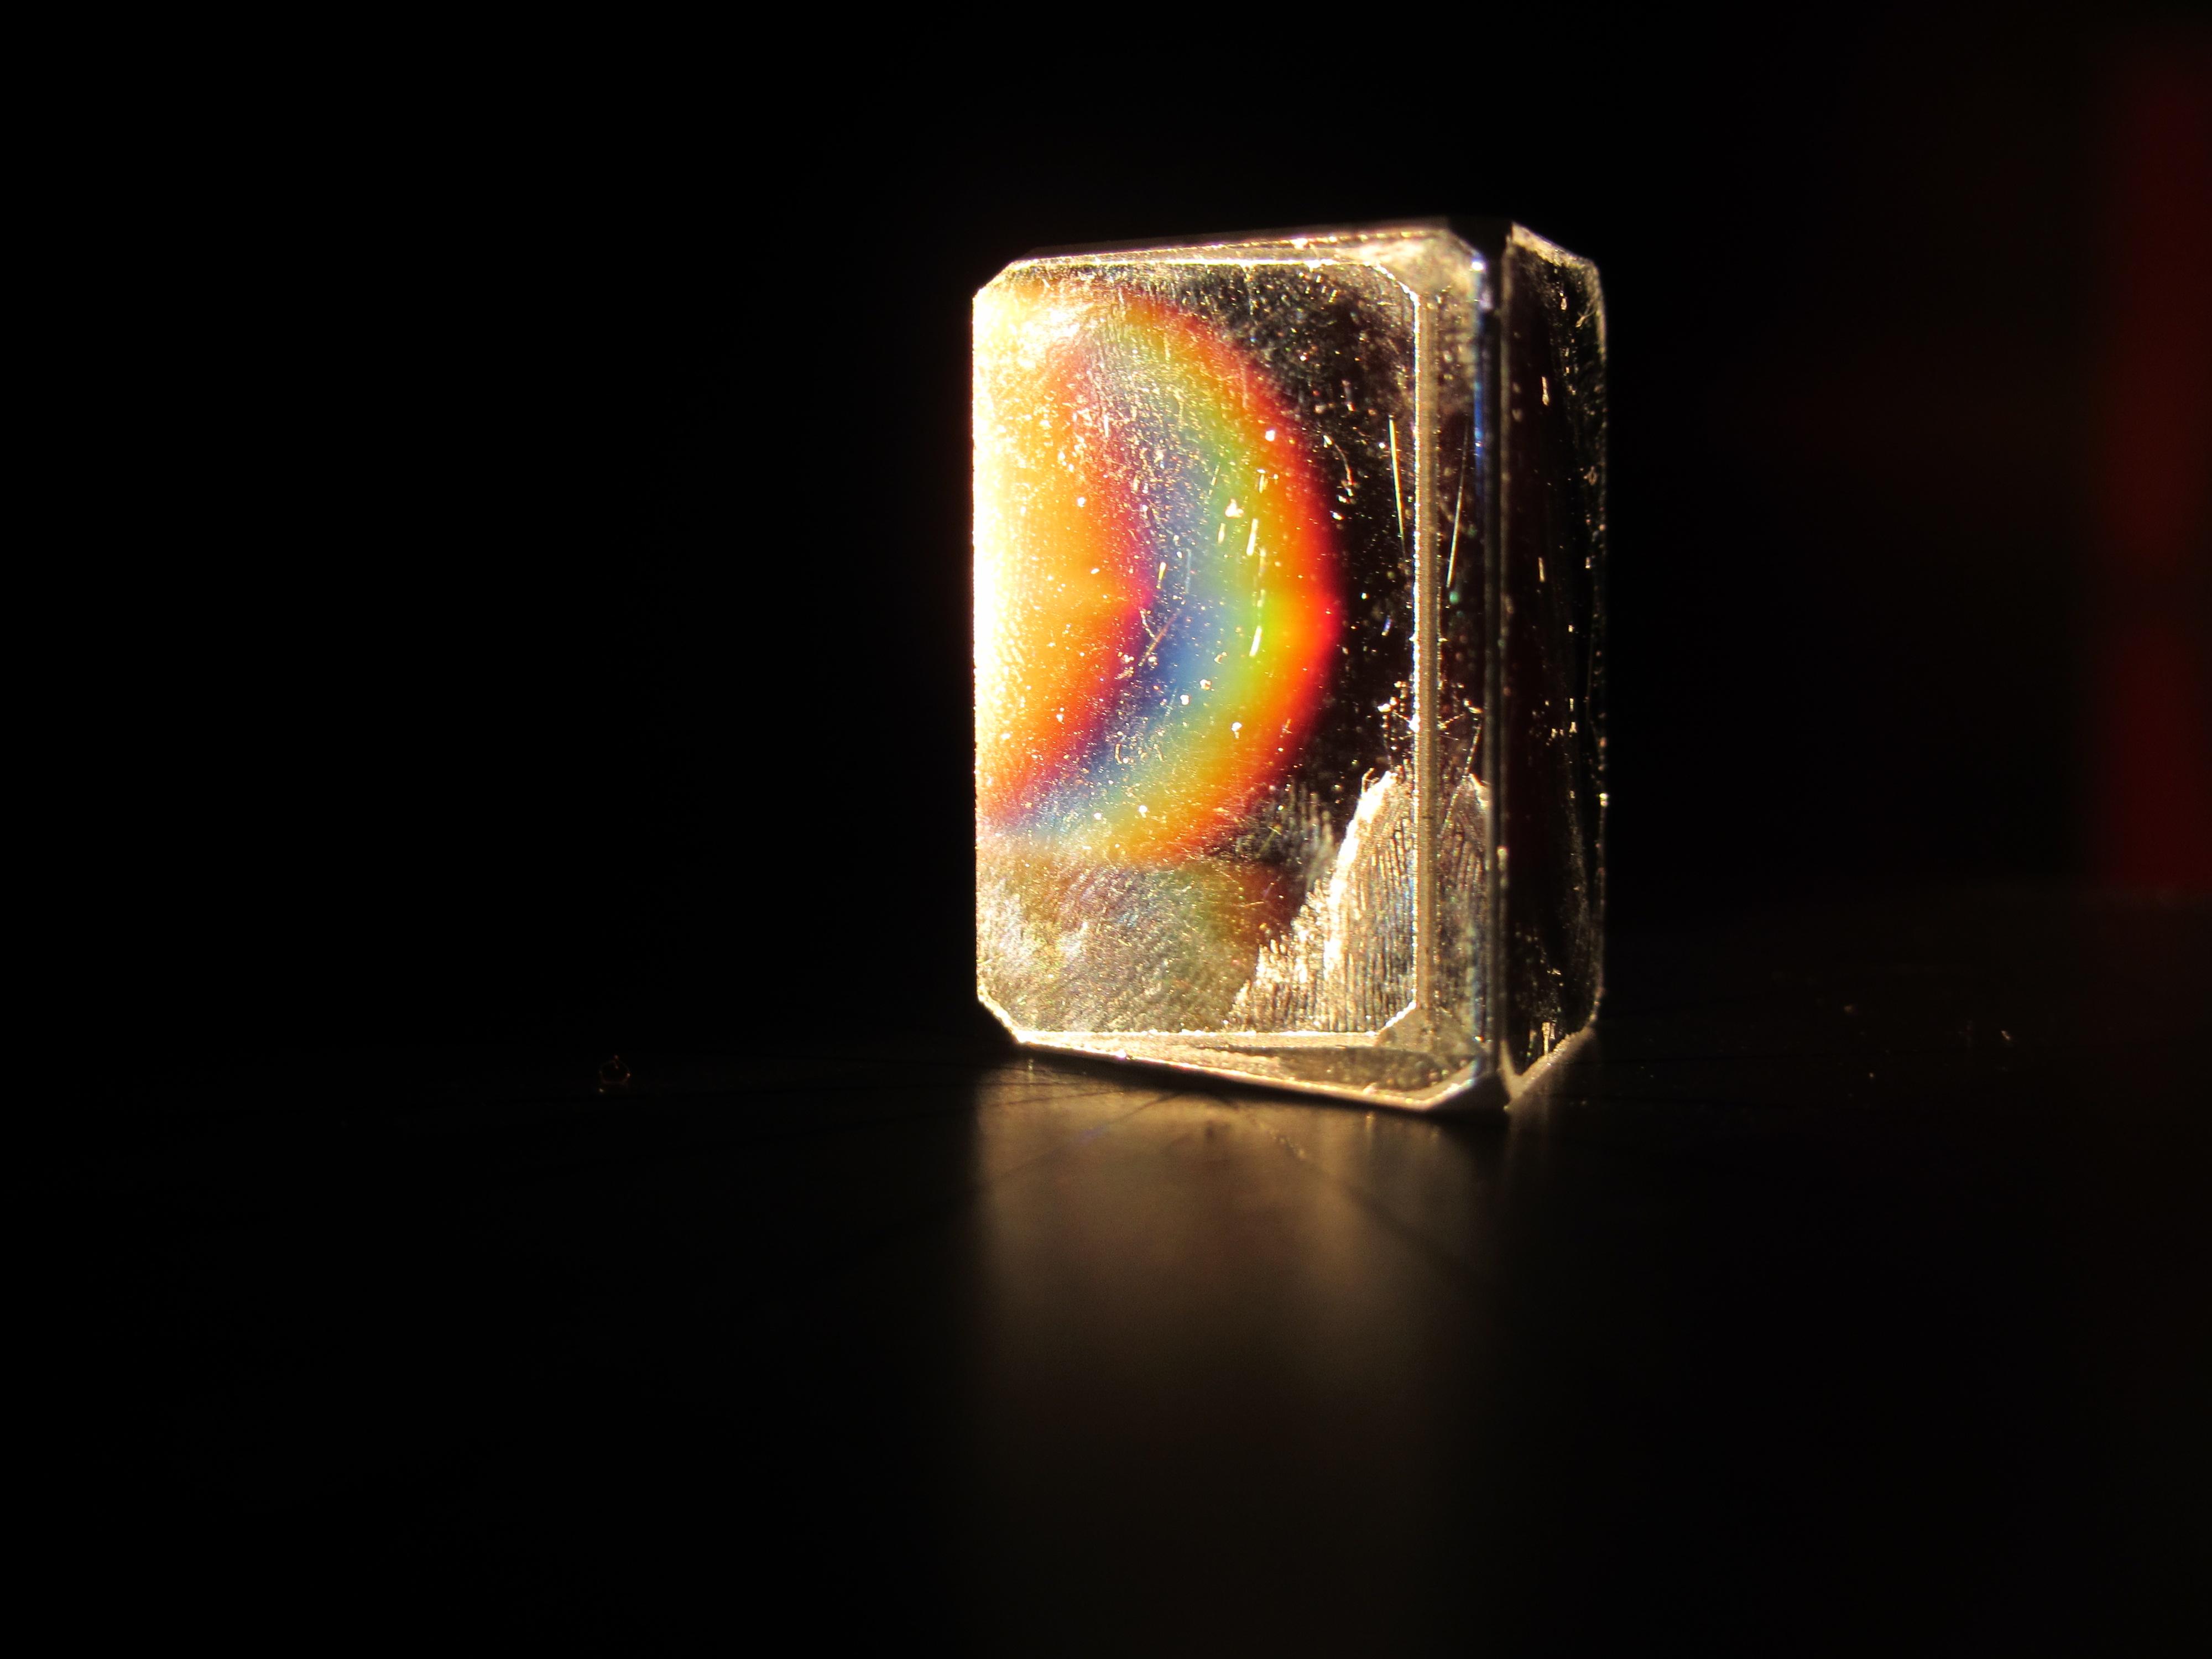 Soñando arco iris Soñando arco iris: mi participación en ENFOCA, concurso de fotografía científica de la ual.